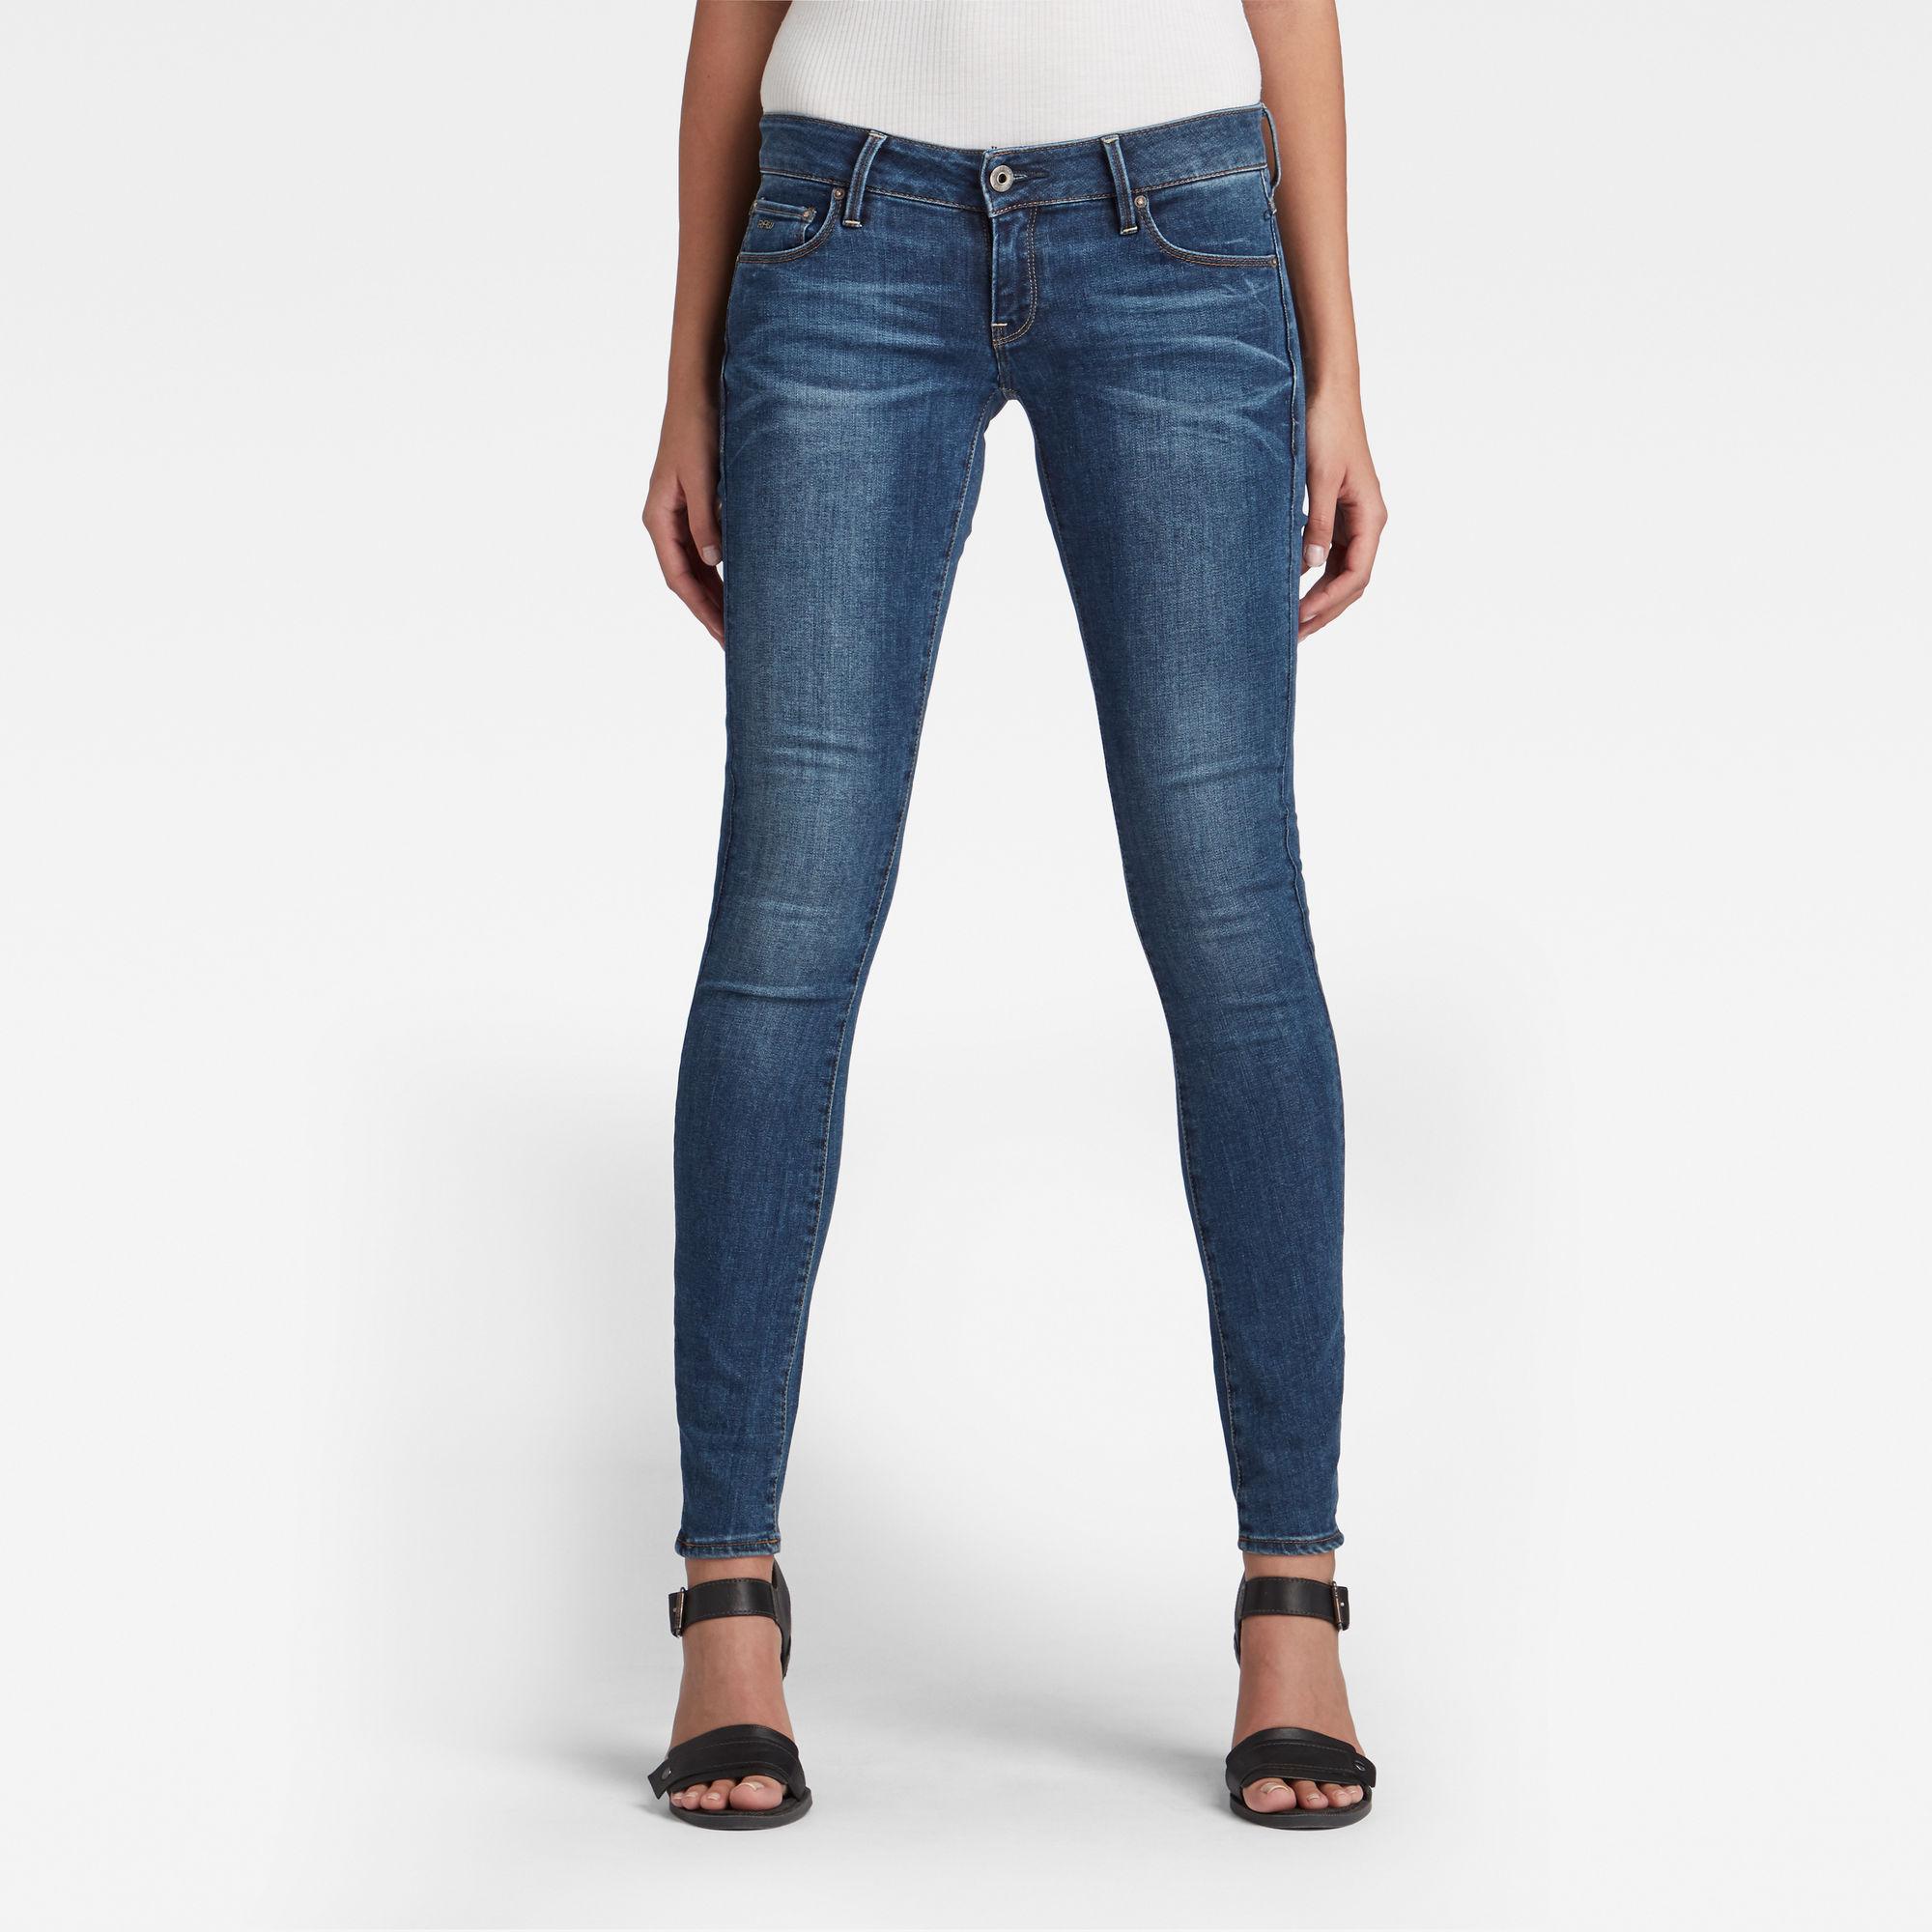 G-Star RAW Dames 3301 Low Skinny Jeans Blauw